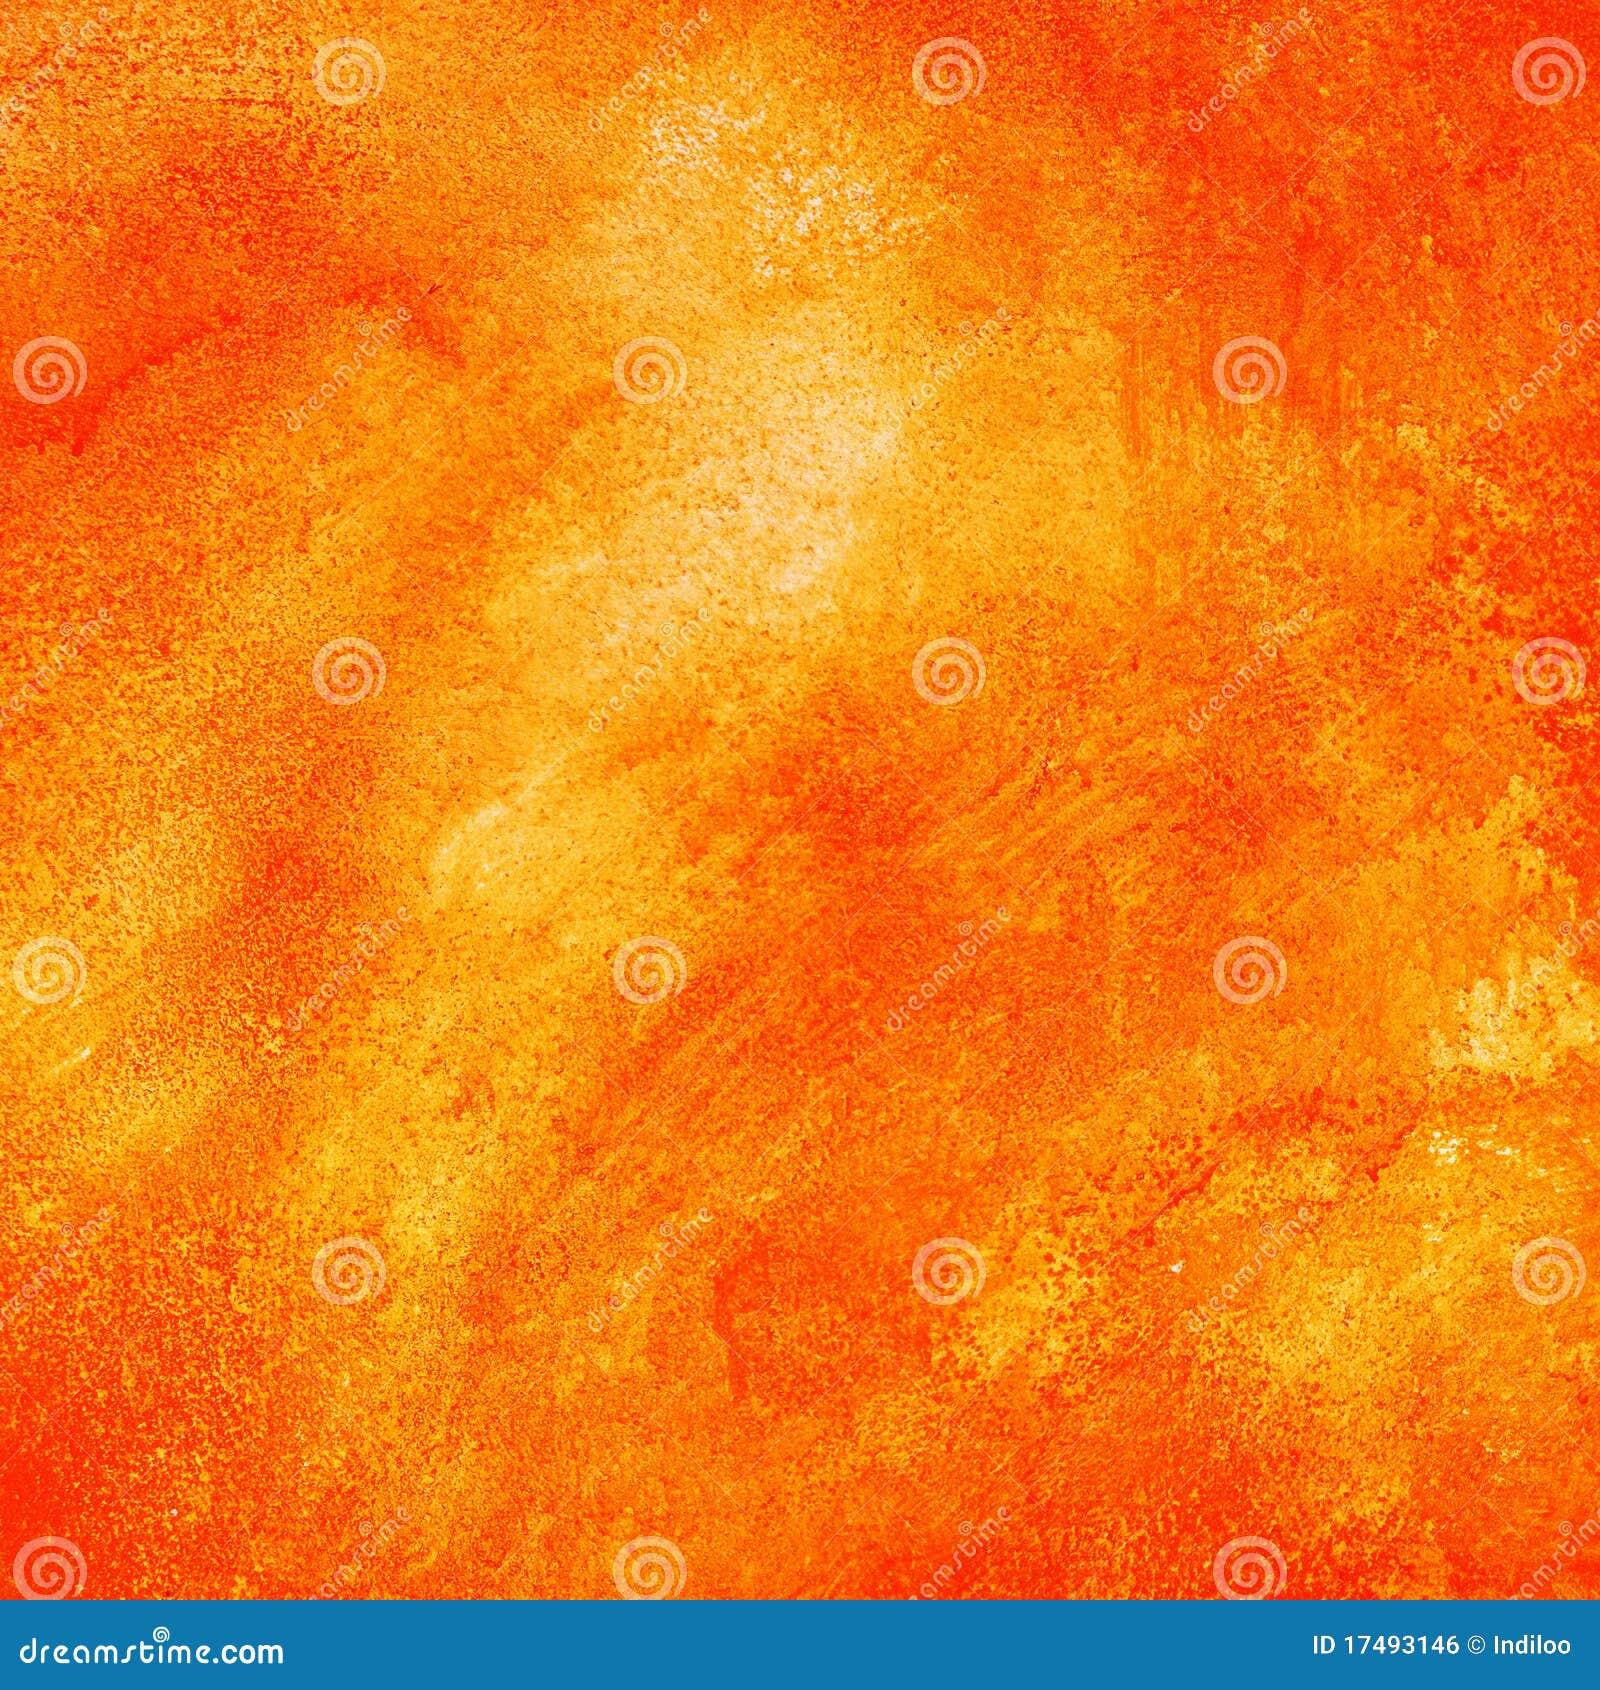 orange background free stock - photo #15